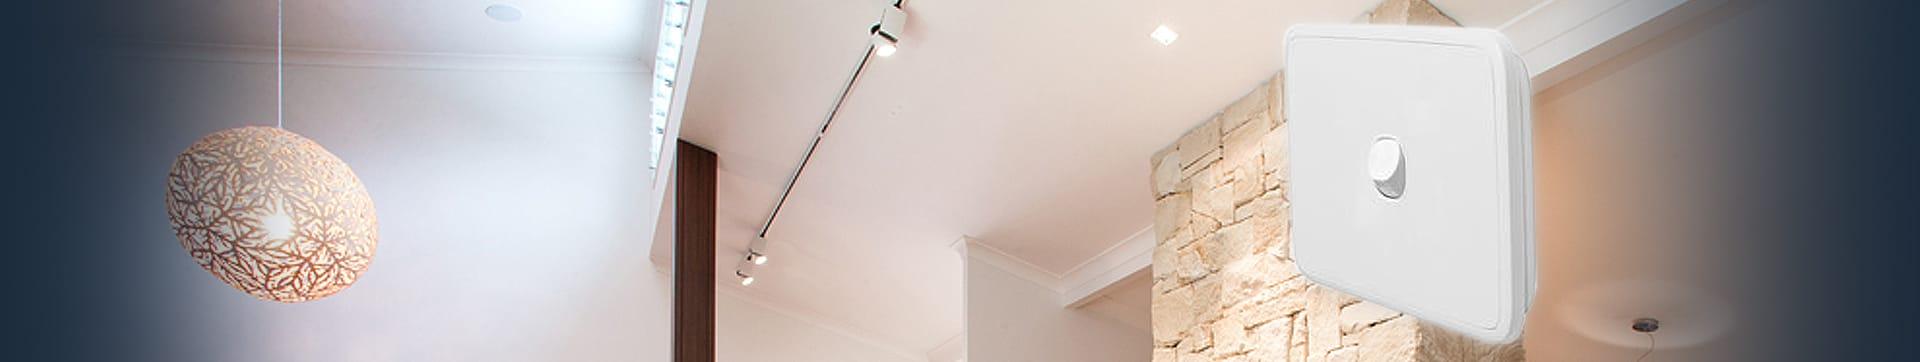 Platinum Electrical & Air